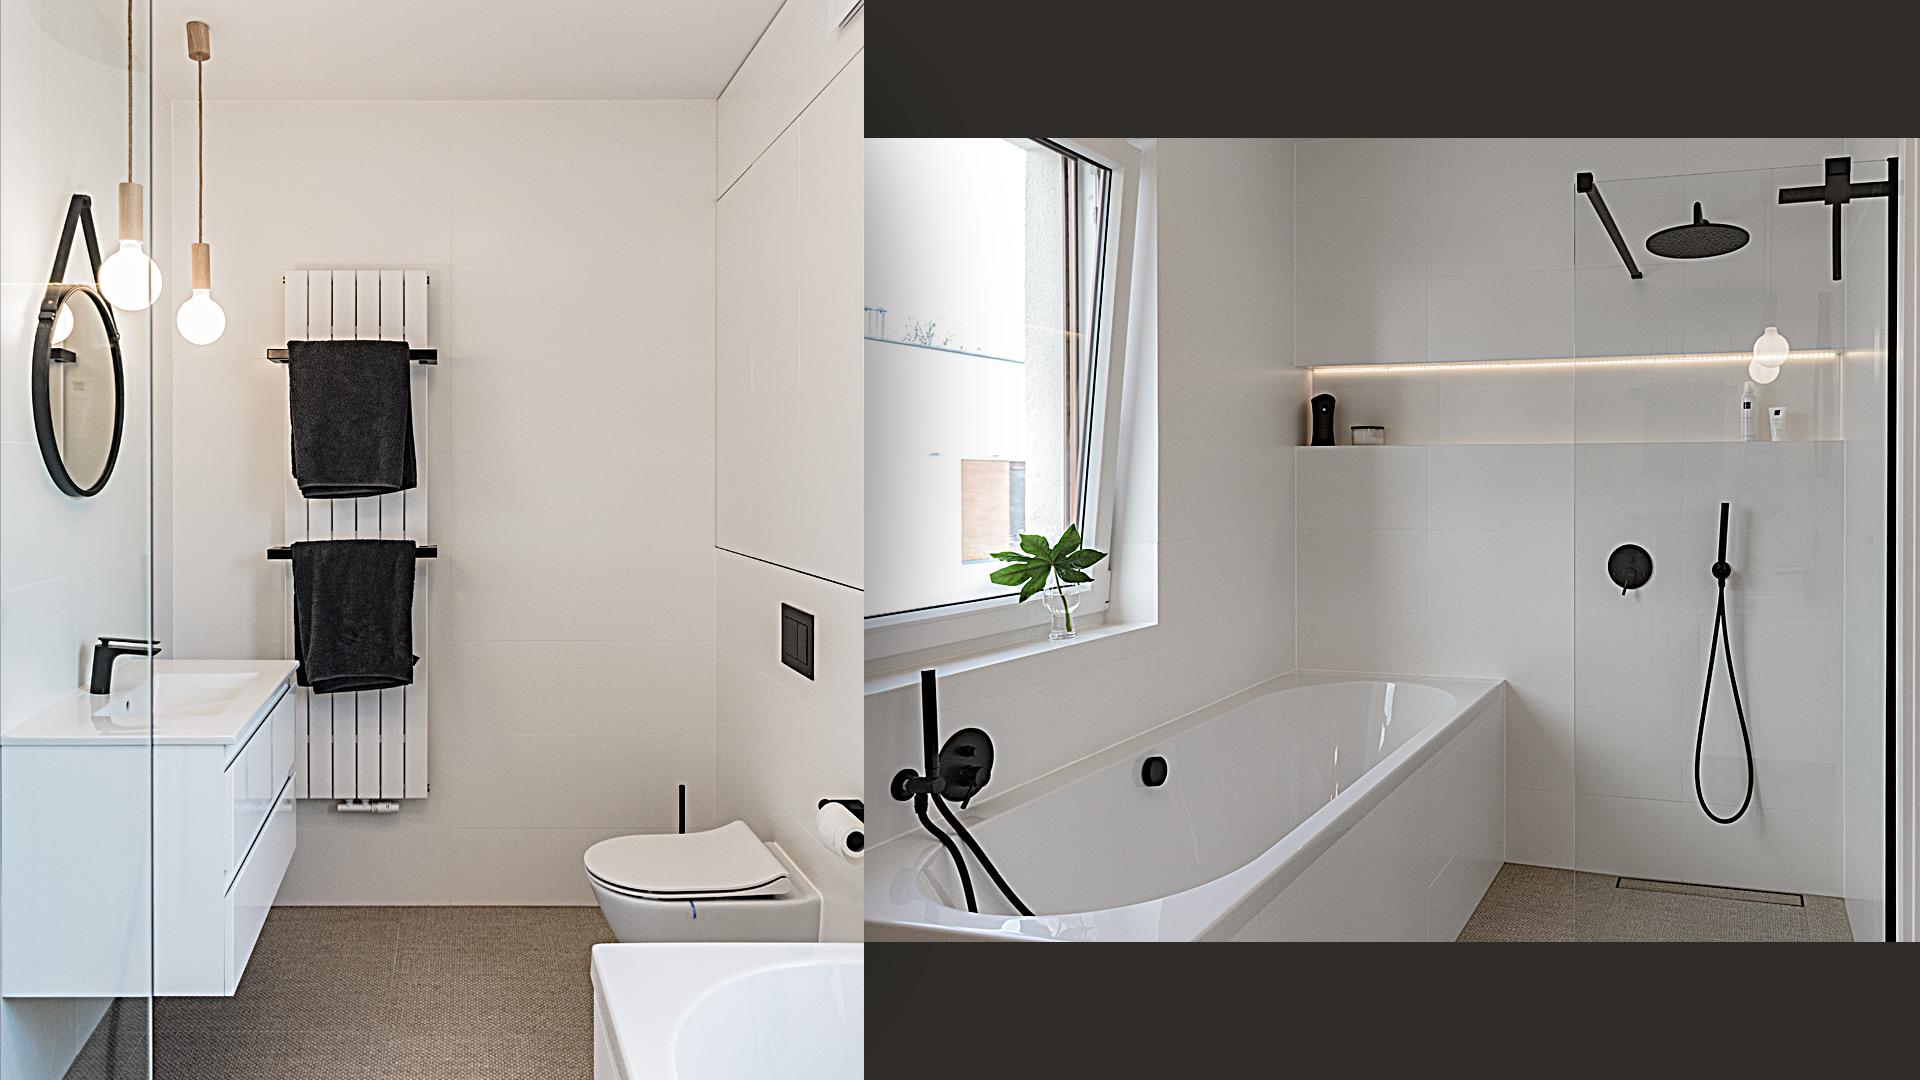 Łazienka przy sypialni ma minimalistyczny charakter – białe płytki ścienne optycznie znikają, na podłodze płytki imitujące sizalowy dywan, a całość dopełnia kontrastowa armatura.